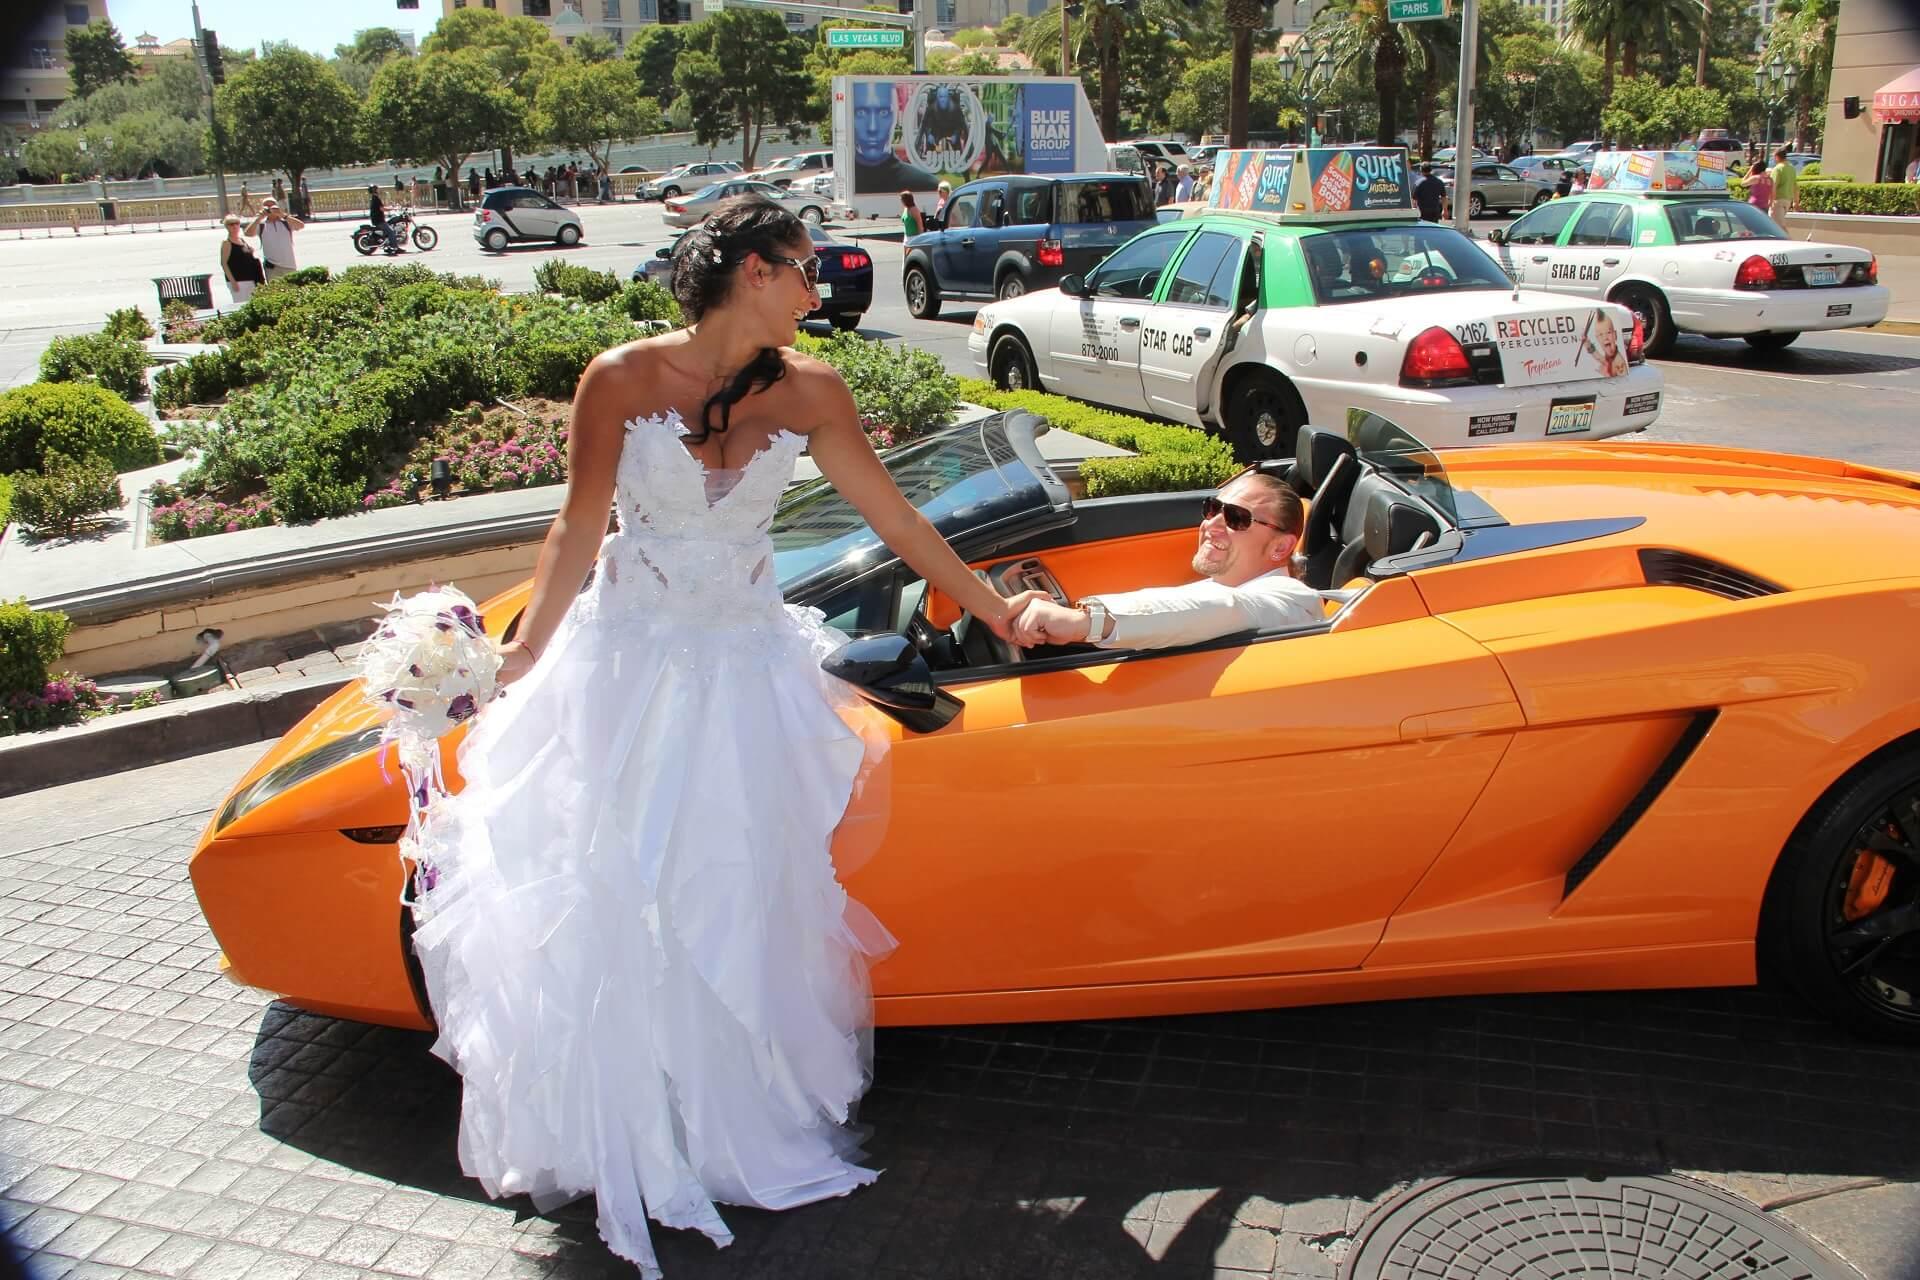 Celebrity Cars Las Vegas Strip Photo Tour - LV Wedding Connection